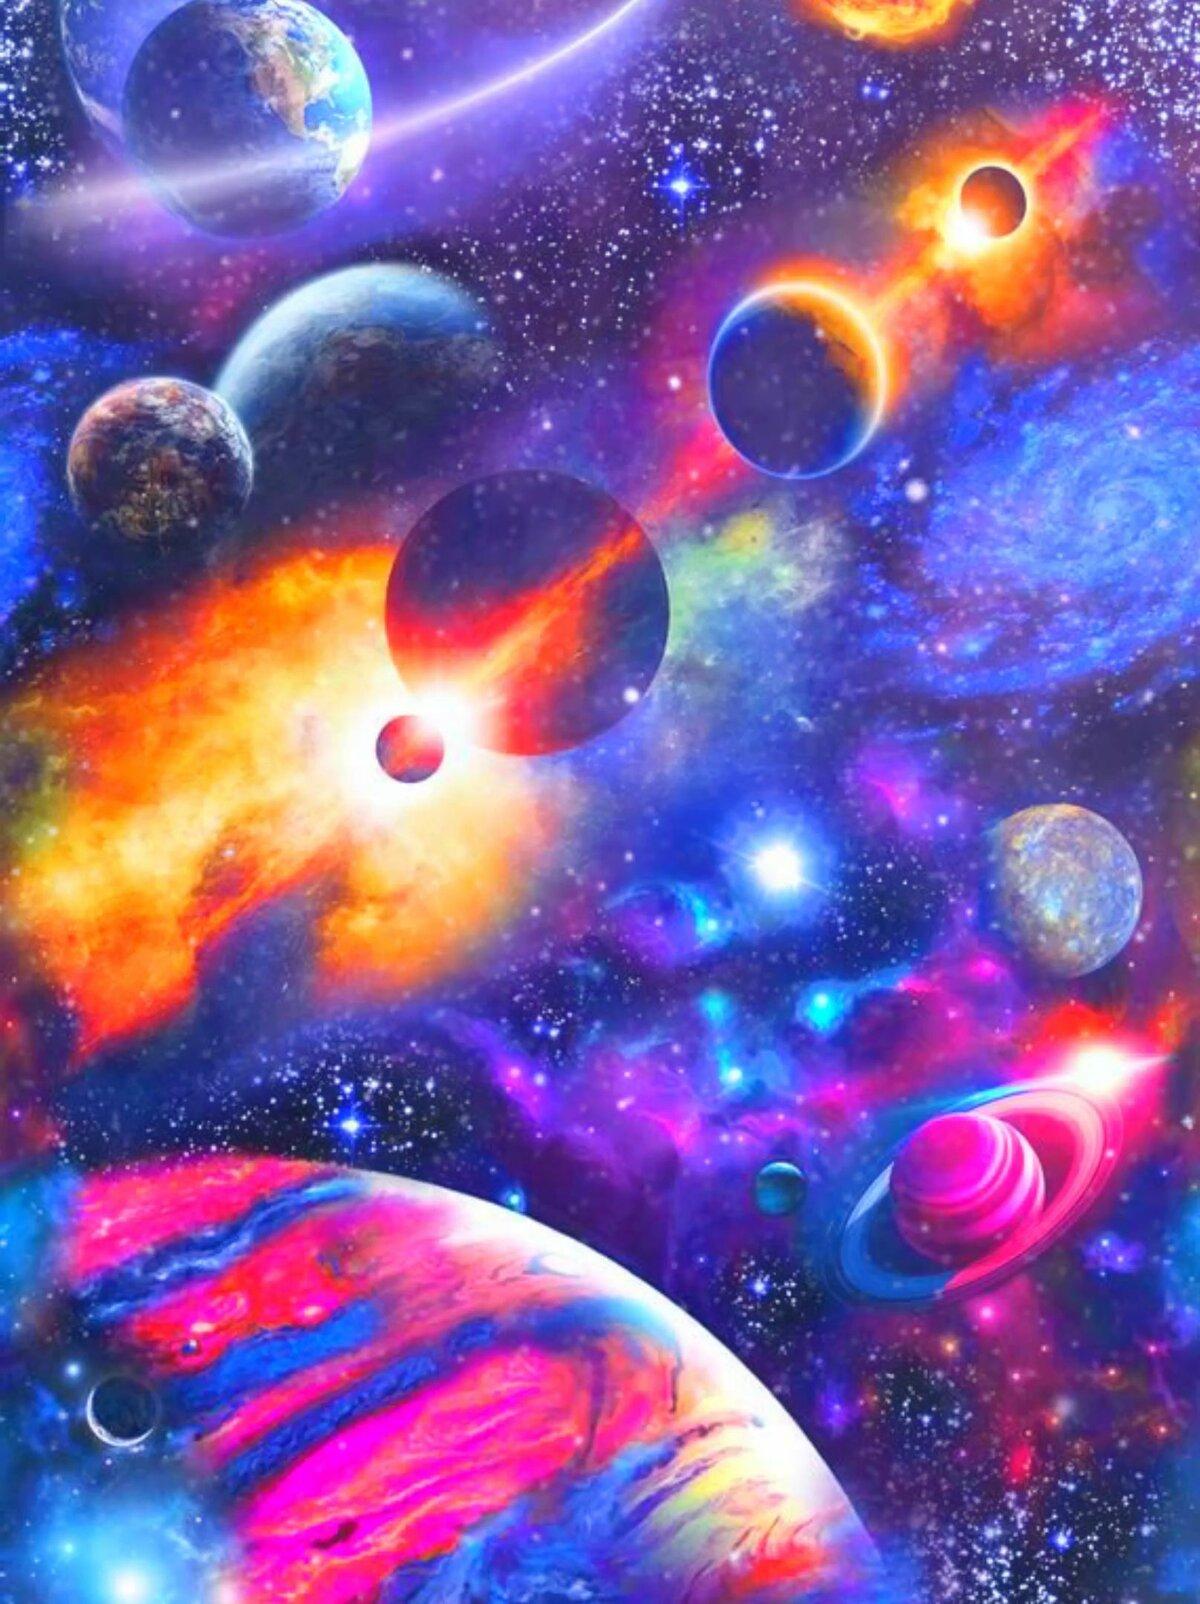 создание картинок космос затраты можно